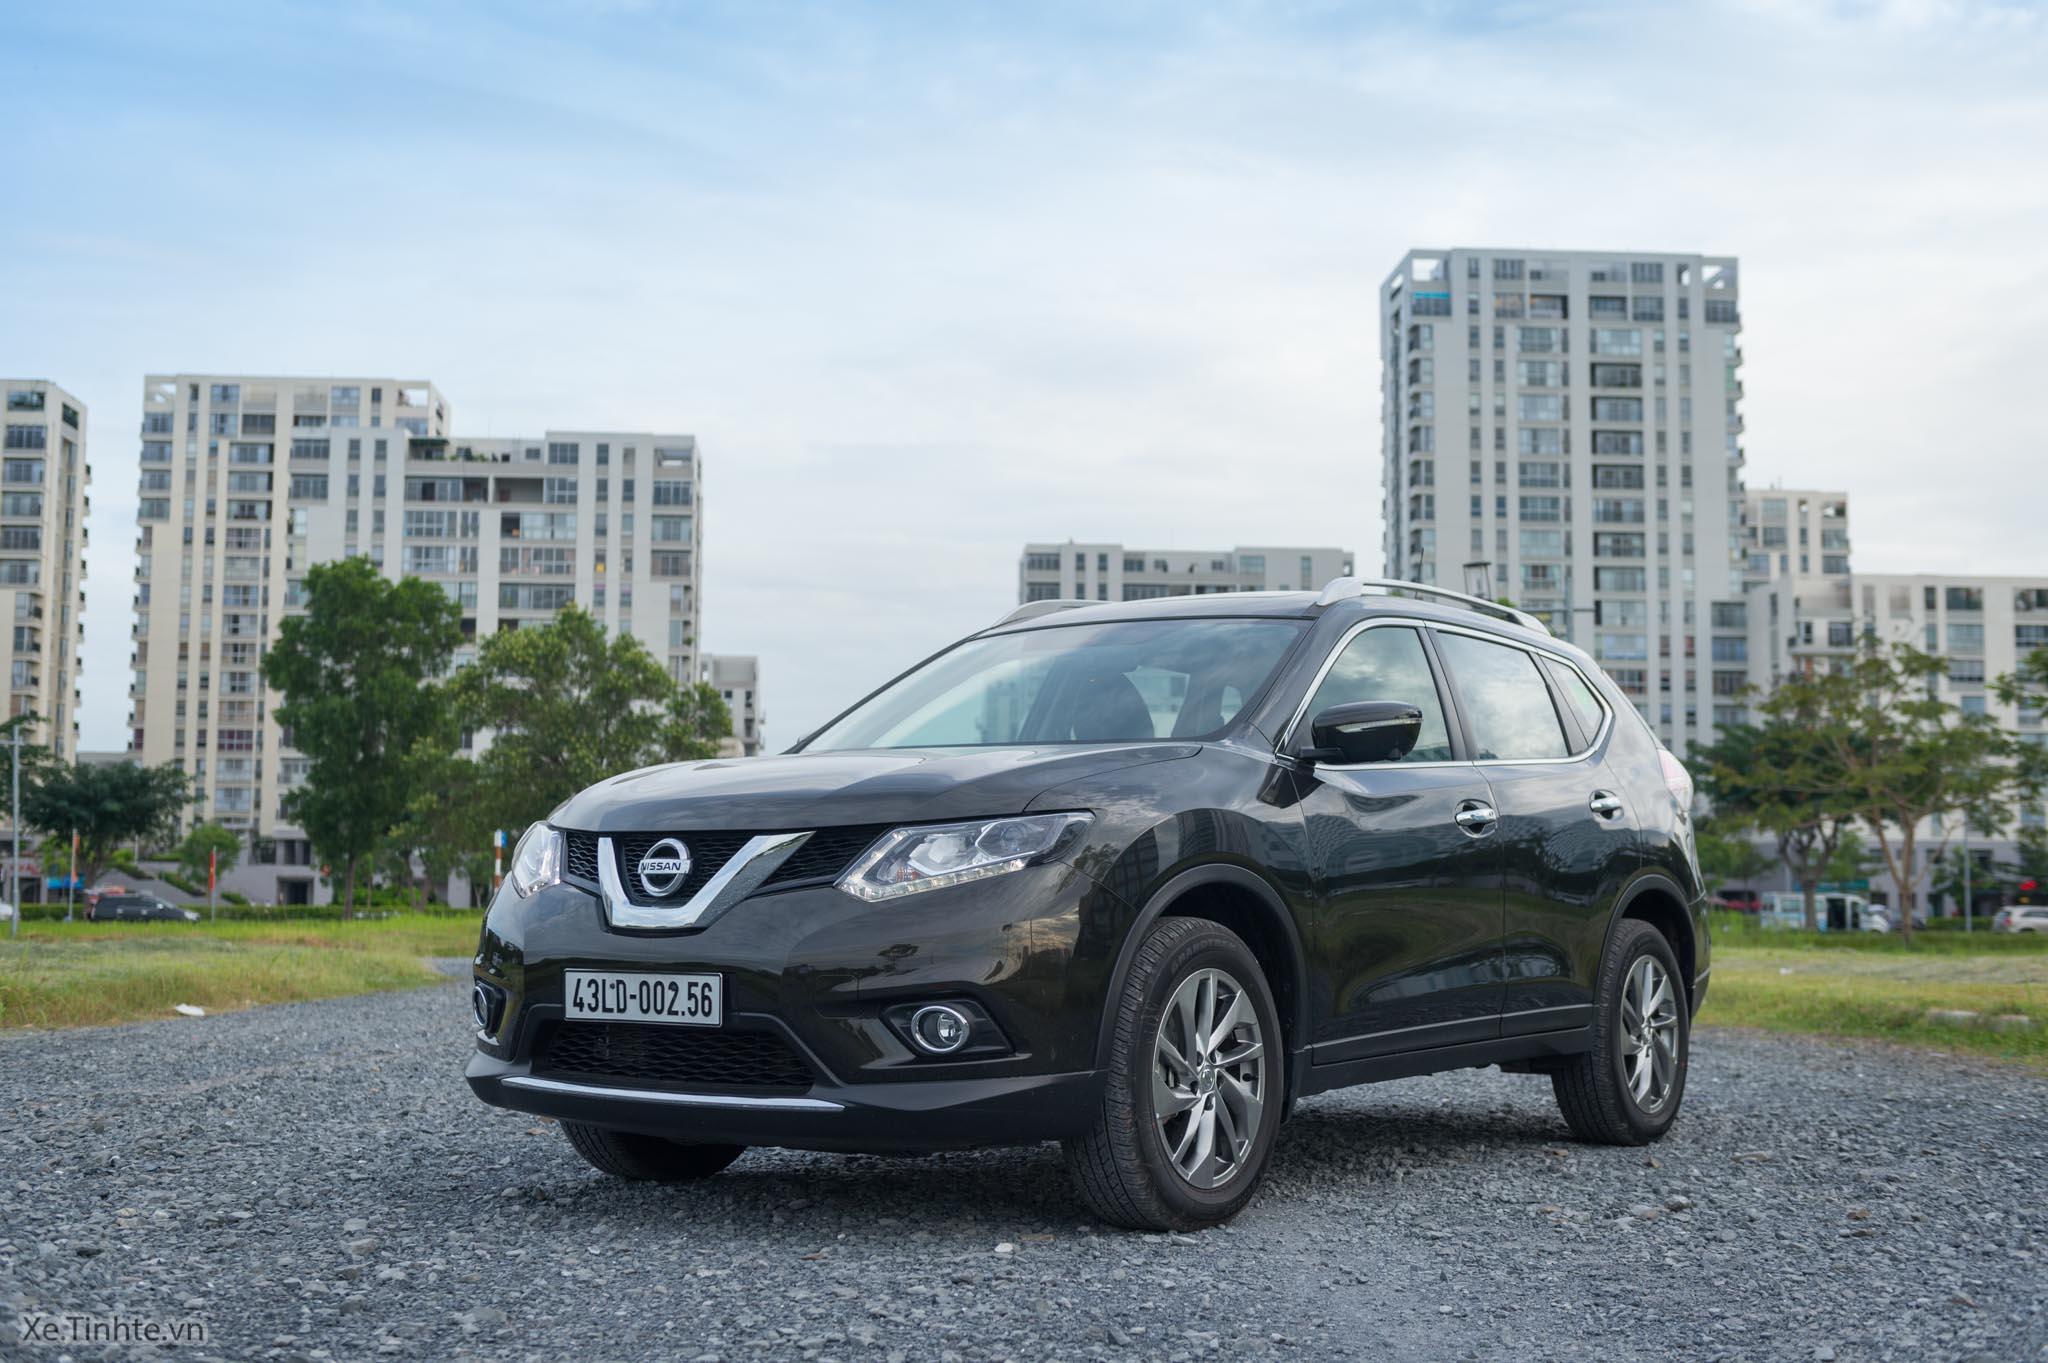 Thị trường ôtô tiếp tục giảm giá trong tháng 4